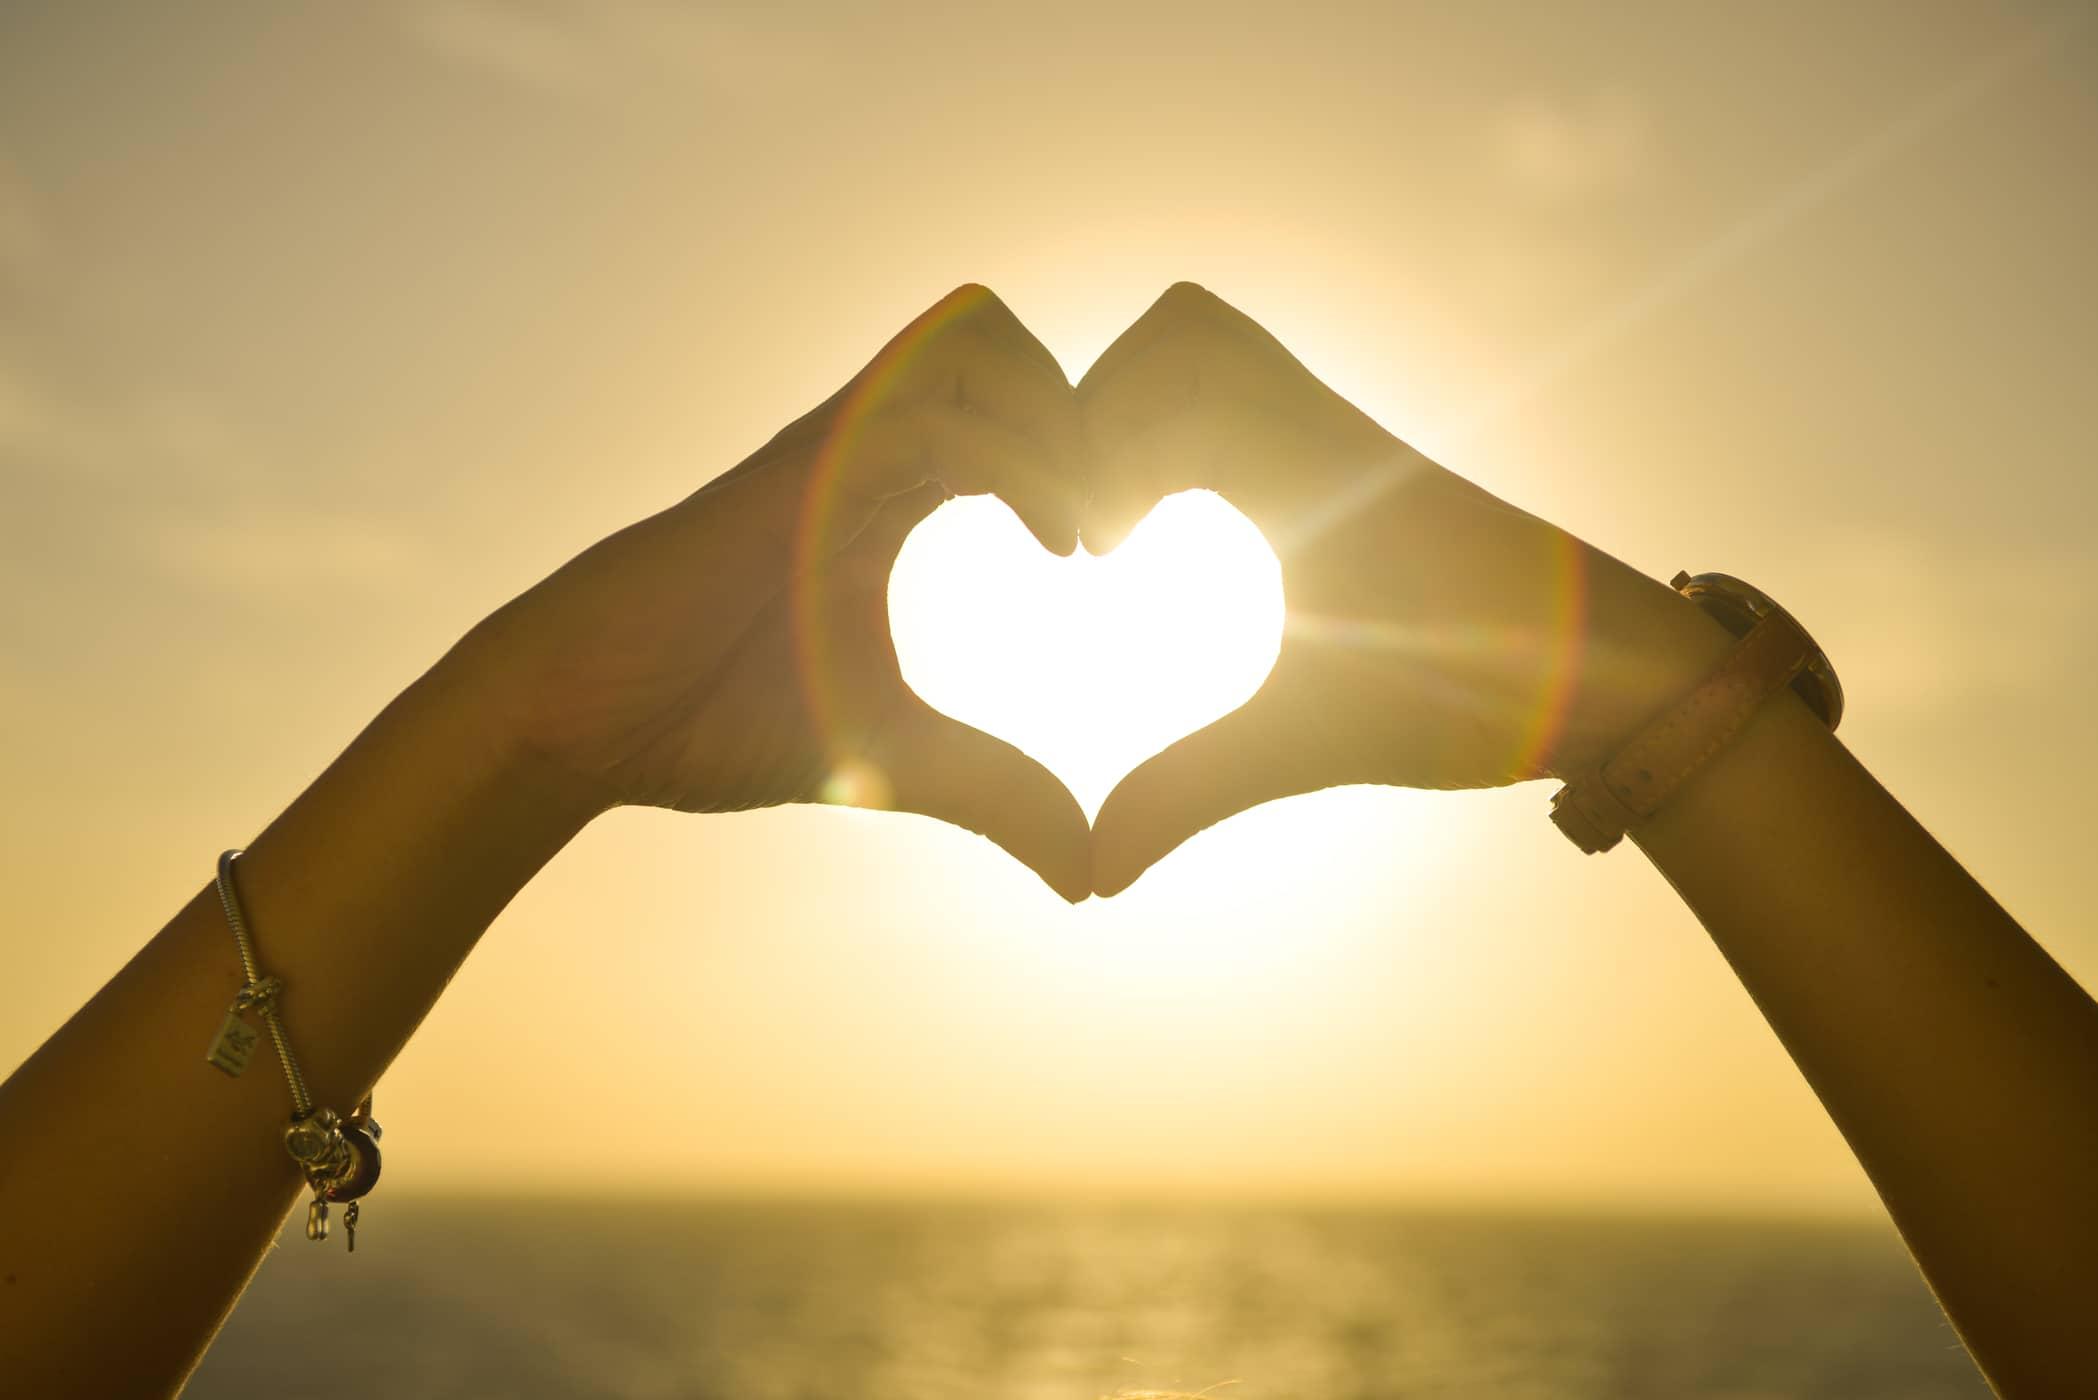 Người Tân Hiệp Phát yêu: Lấy chồng chẳng có gì vui, vợ nhỉ?